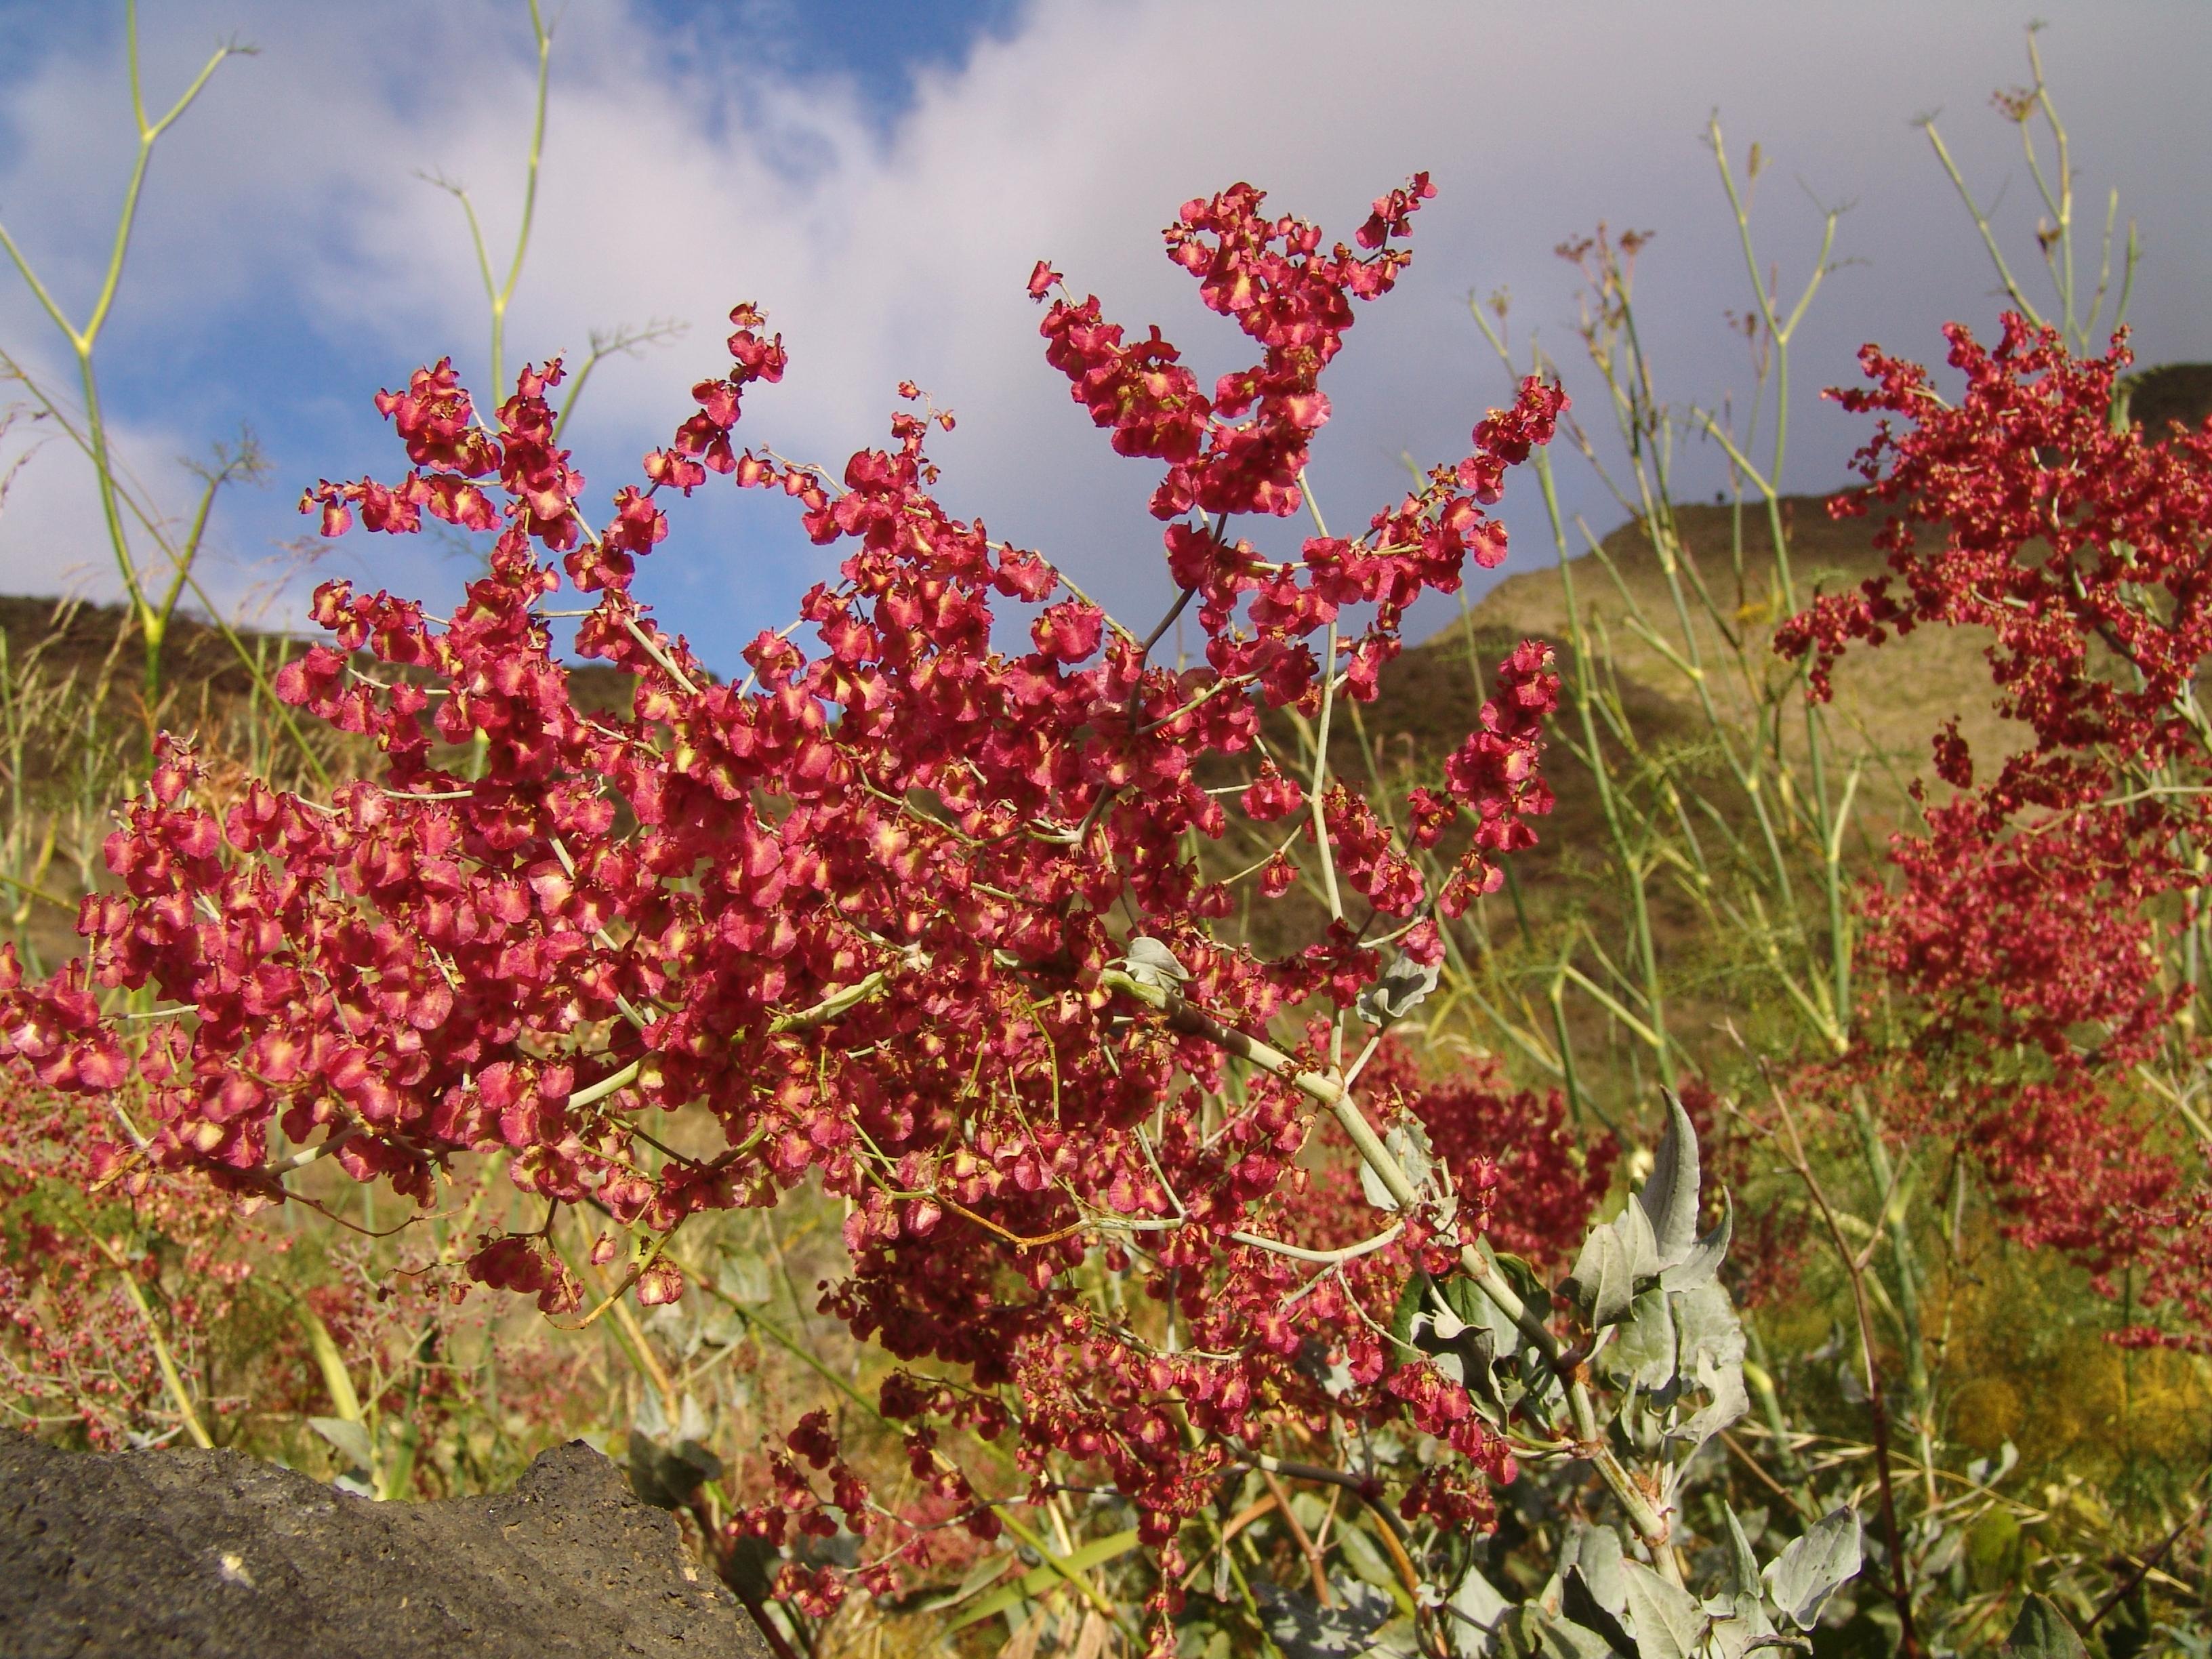 dsc09685-flor-rumex-flora-a-10.jpg